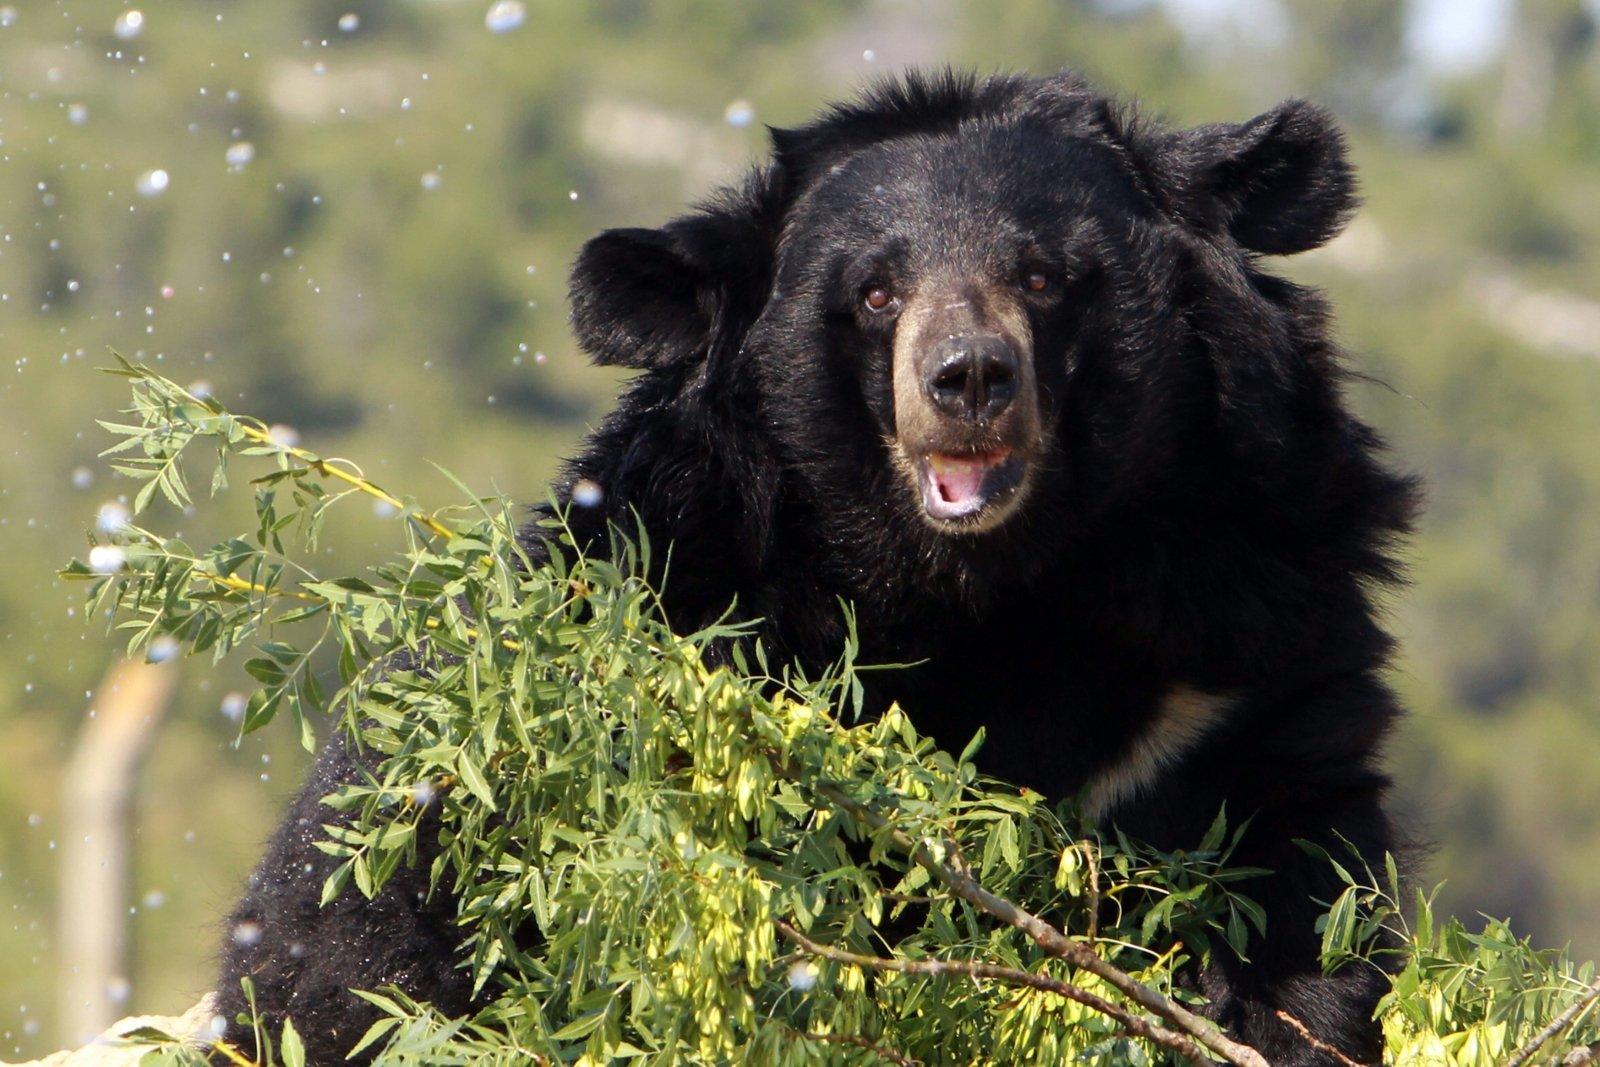 нудисты драка каратист побил медведя понедельник начинается с дичи отвратительные мужики disgusting men